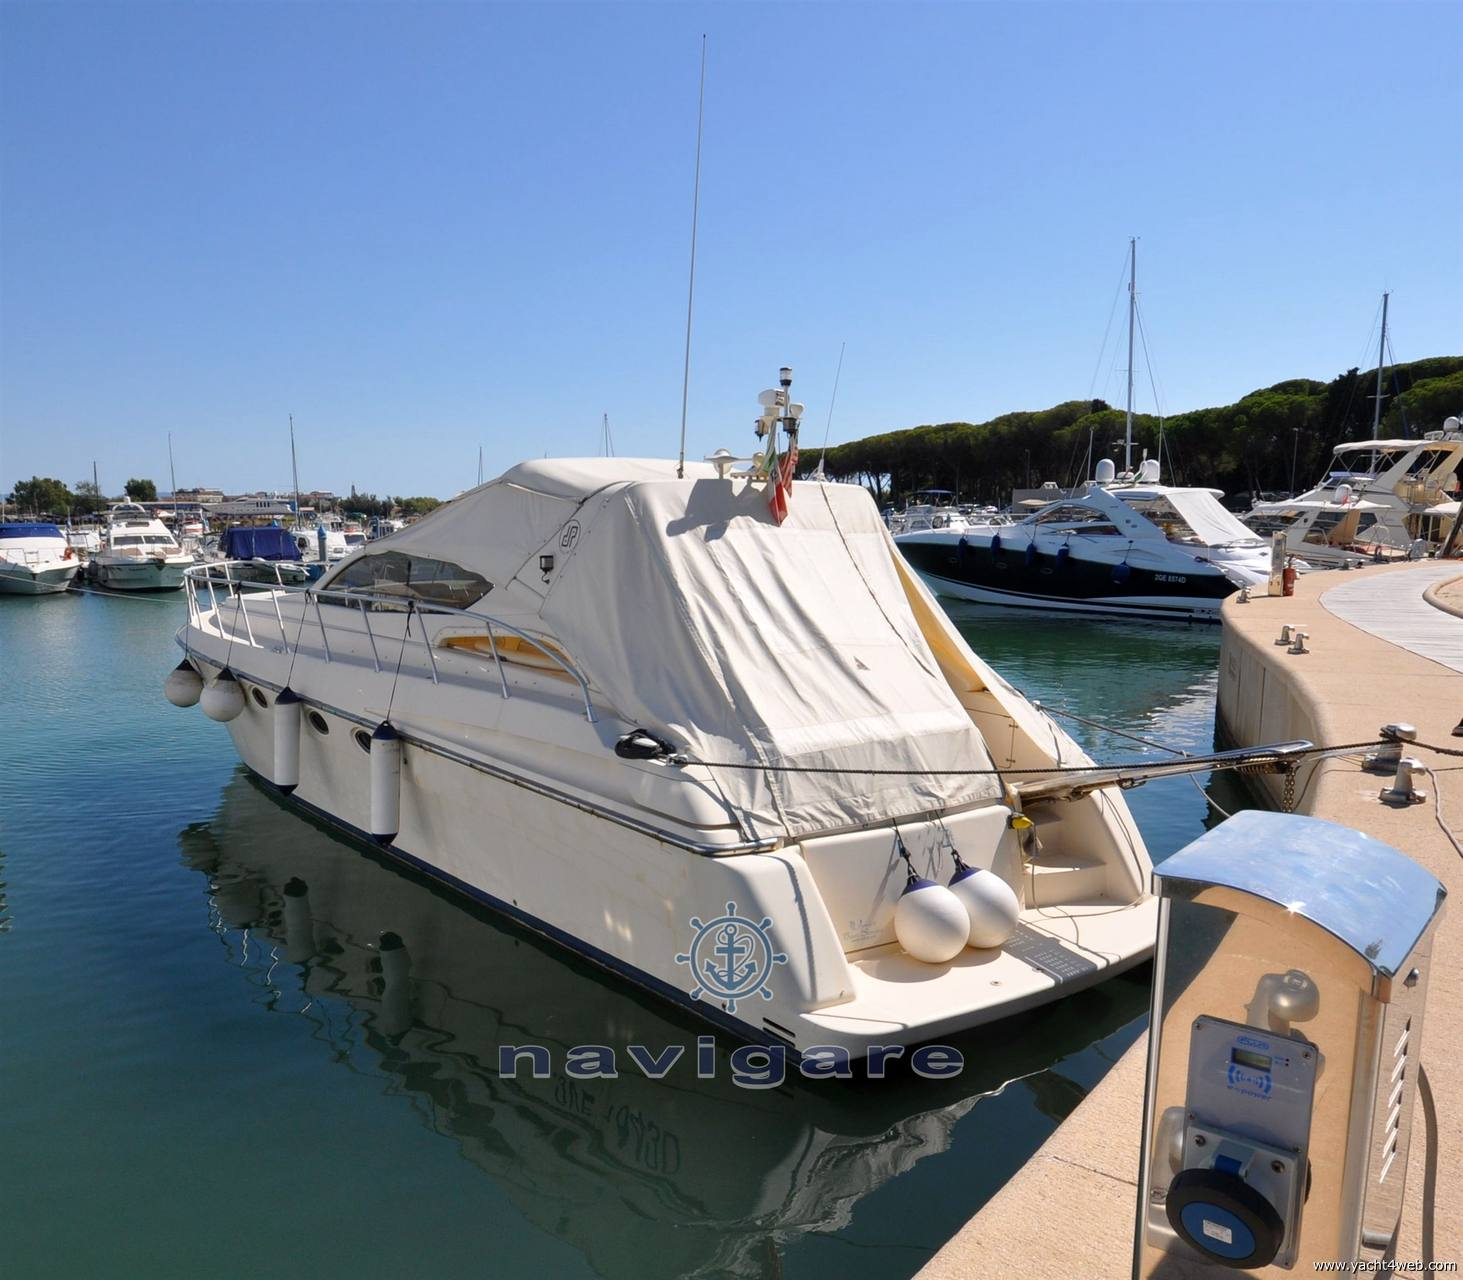 Dalla Pietà Dp 48' altair Barca a motore usata in vendita